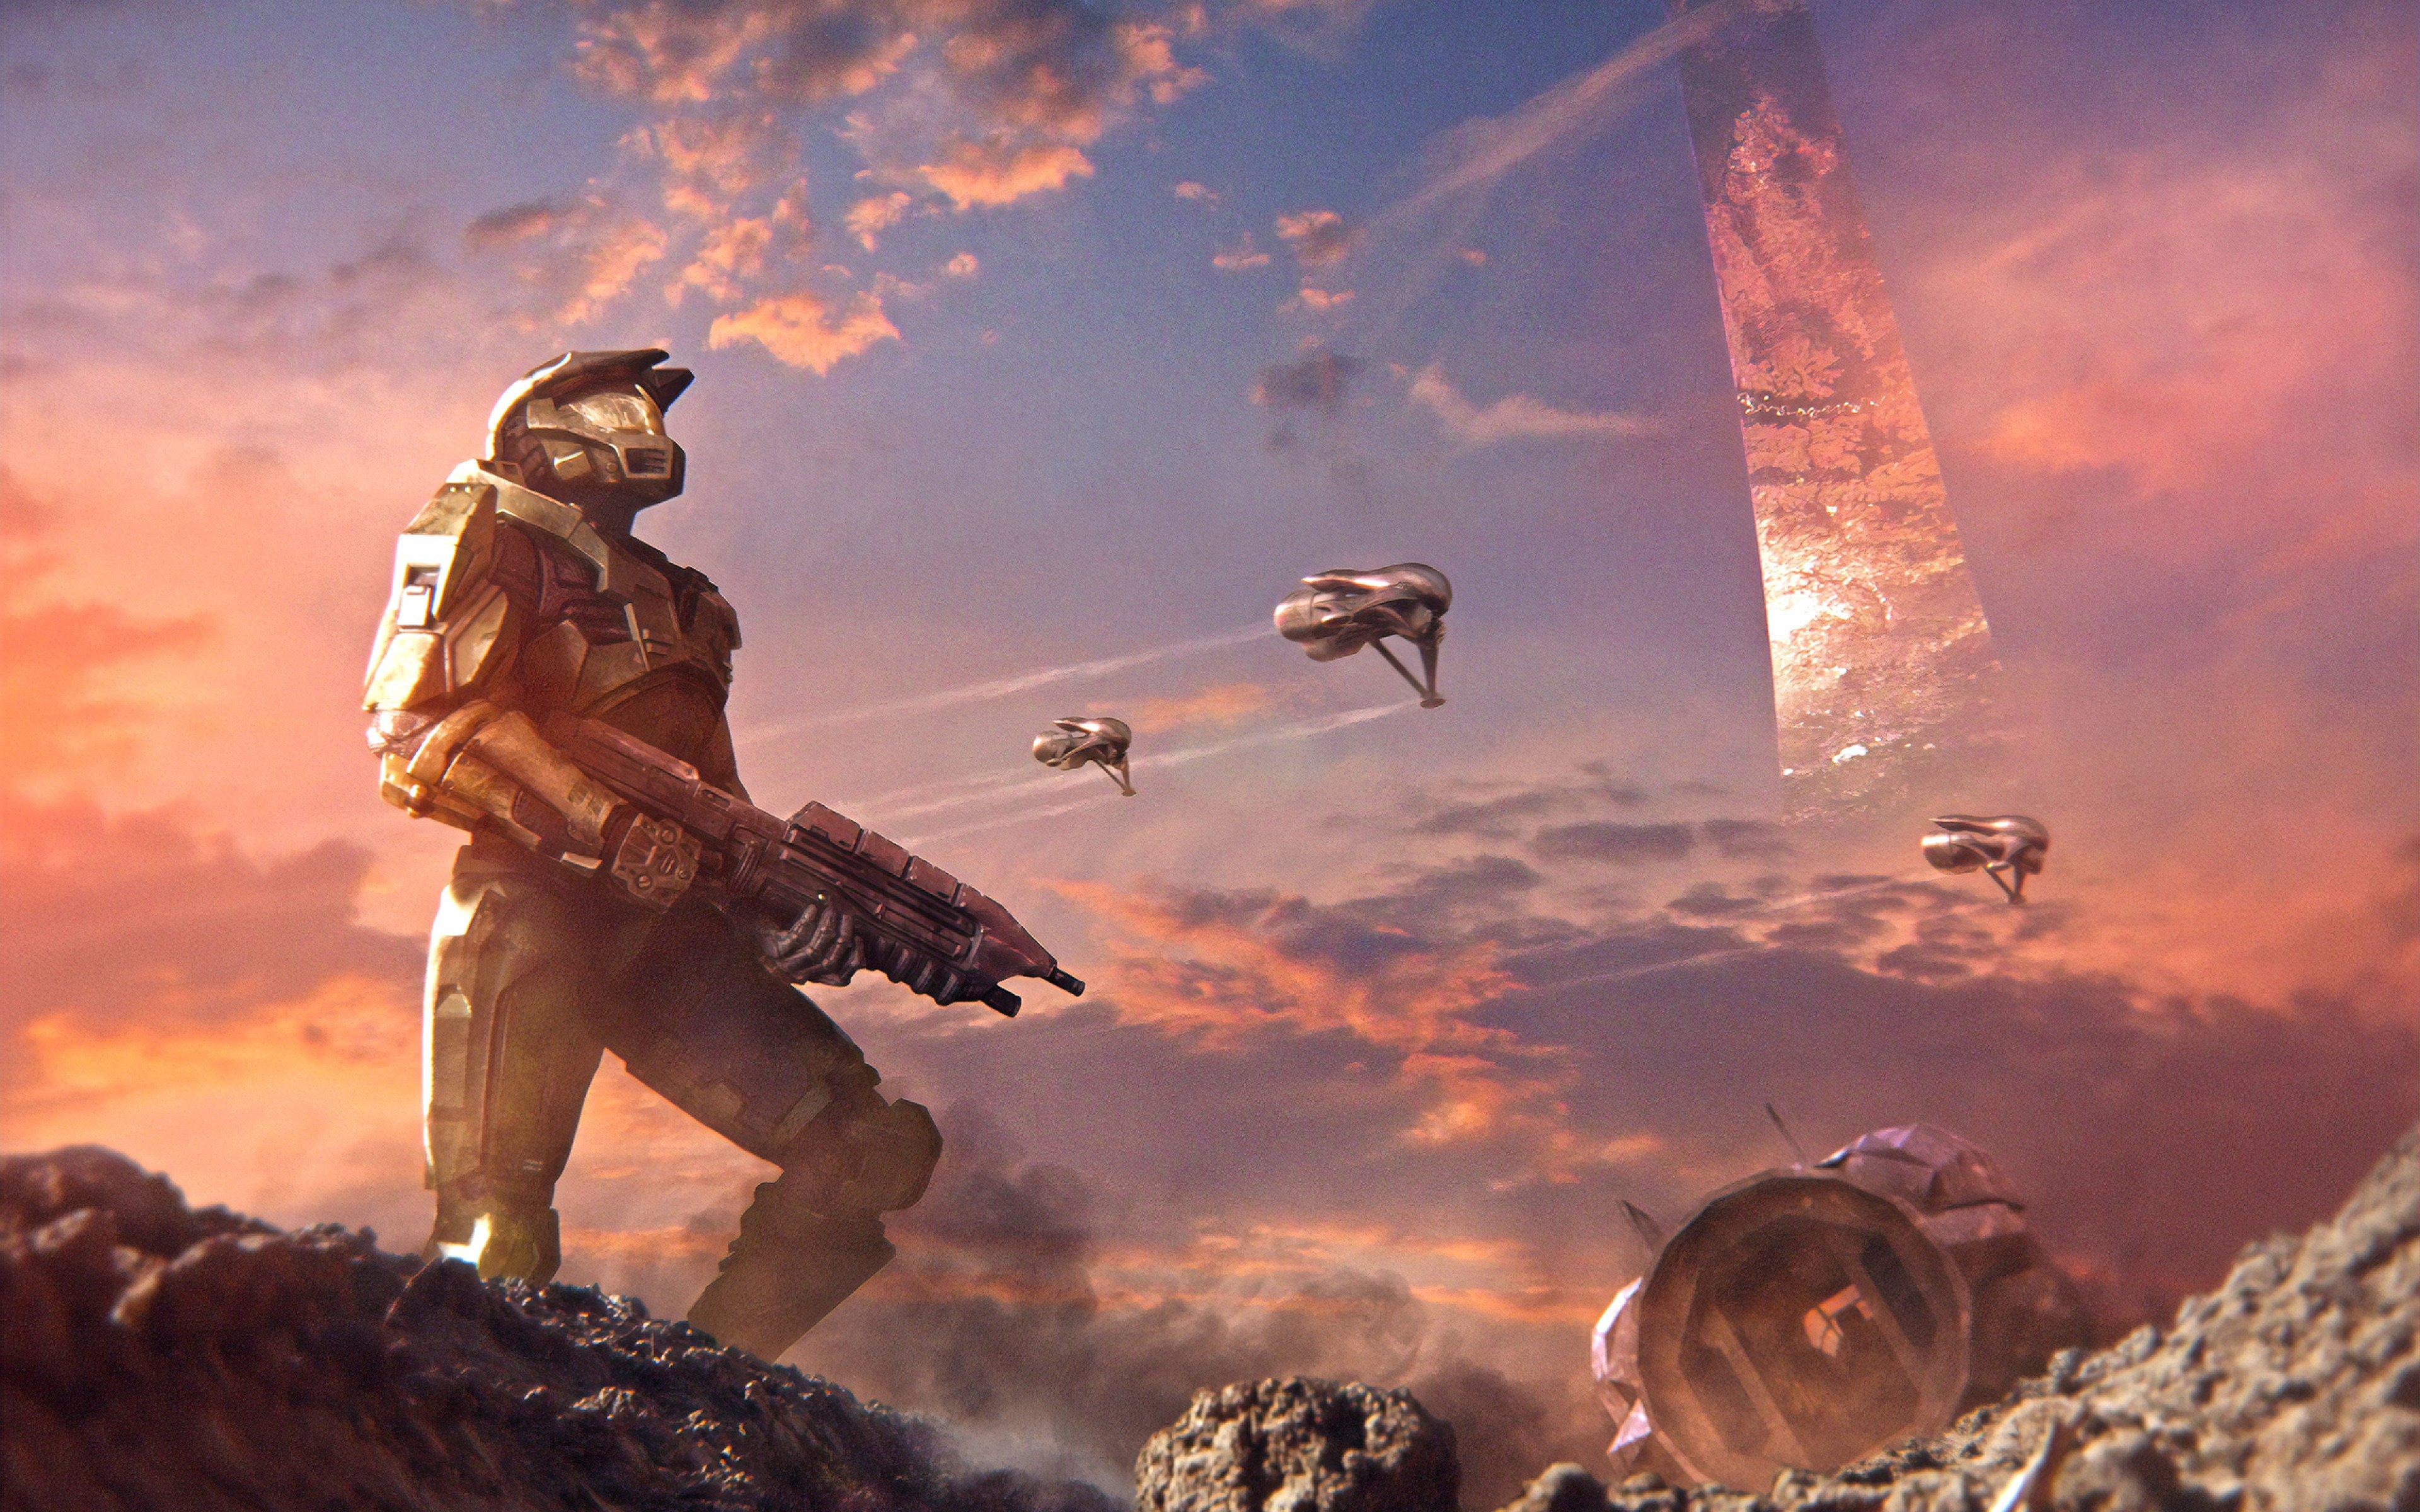 Fondos de pantalla Halo Battle For Alpha